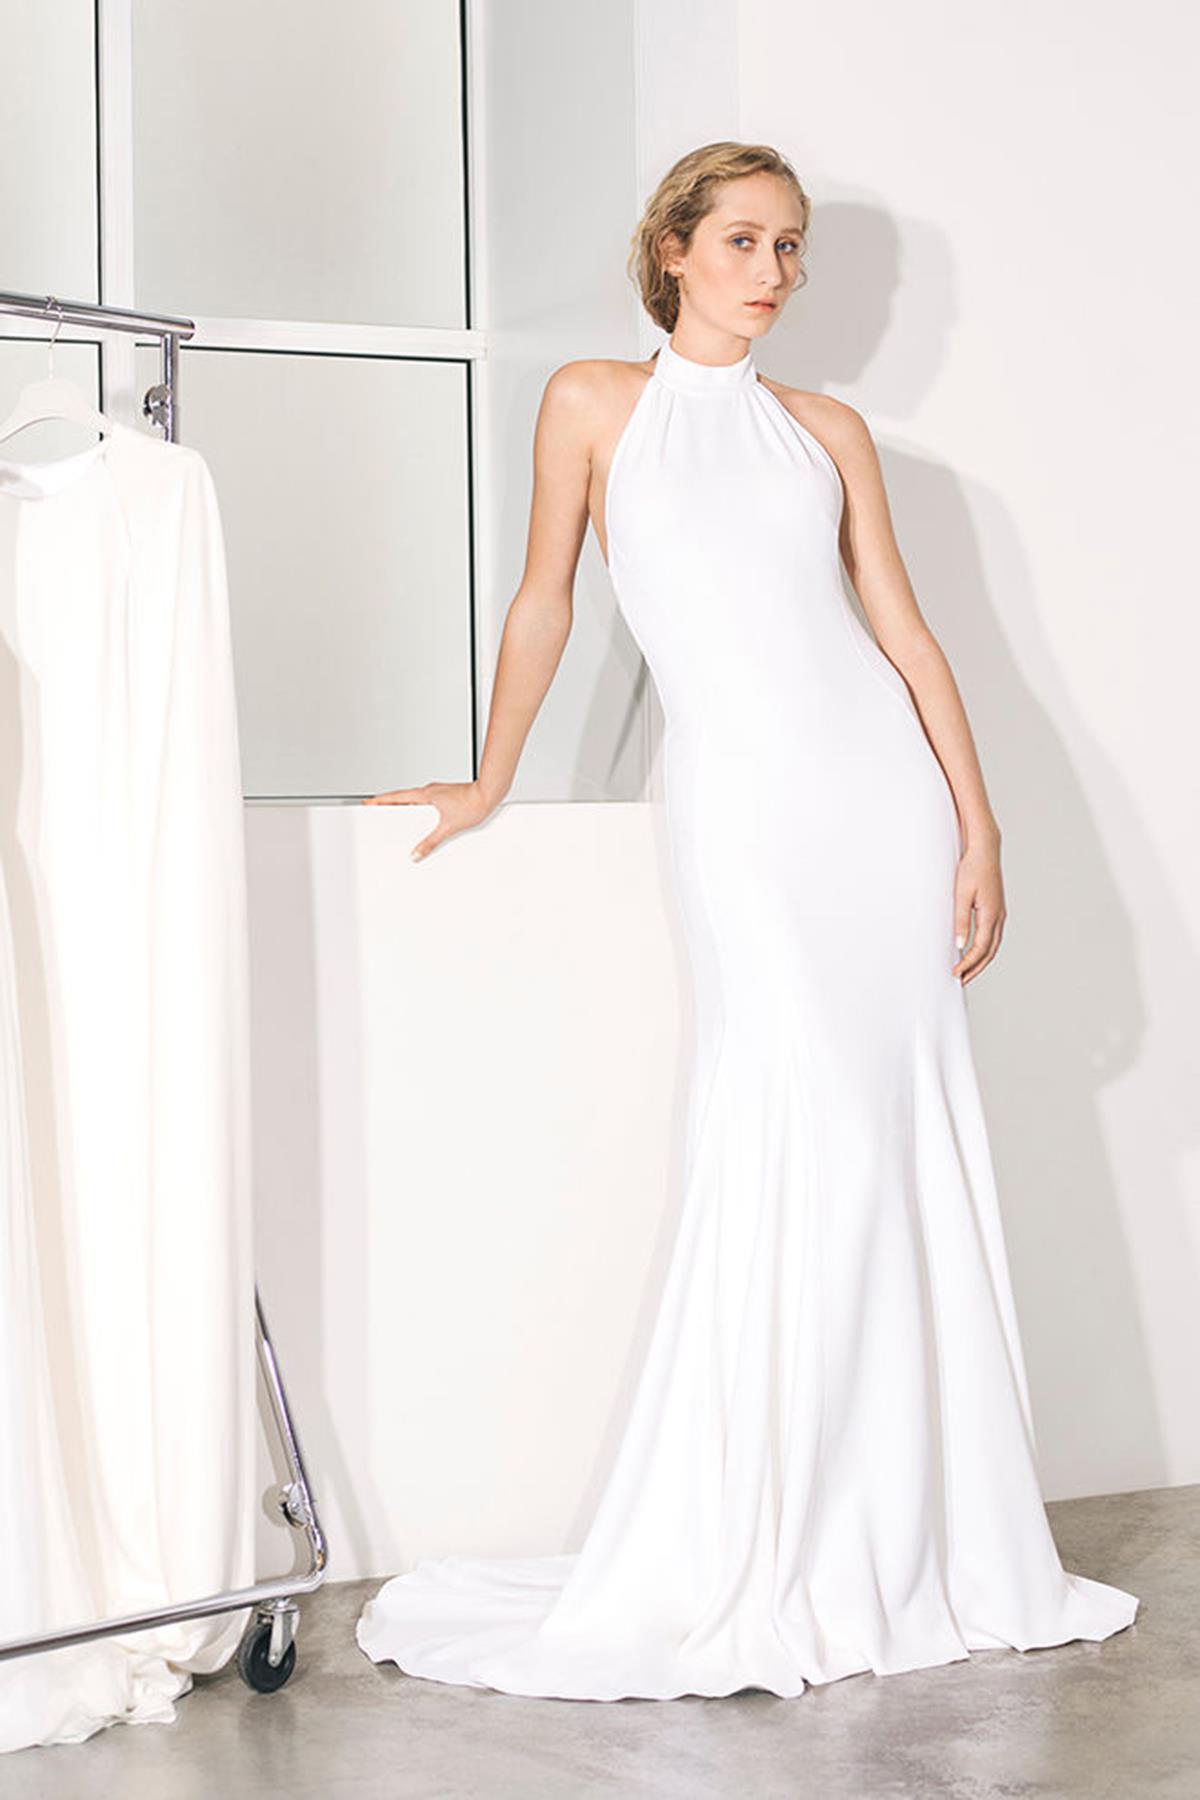 659229dce Vestidos de novia con escote halter como el de Meghan Markle - InStyle